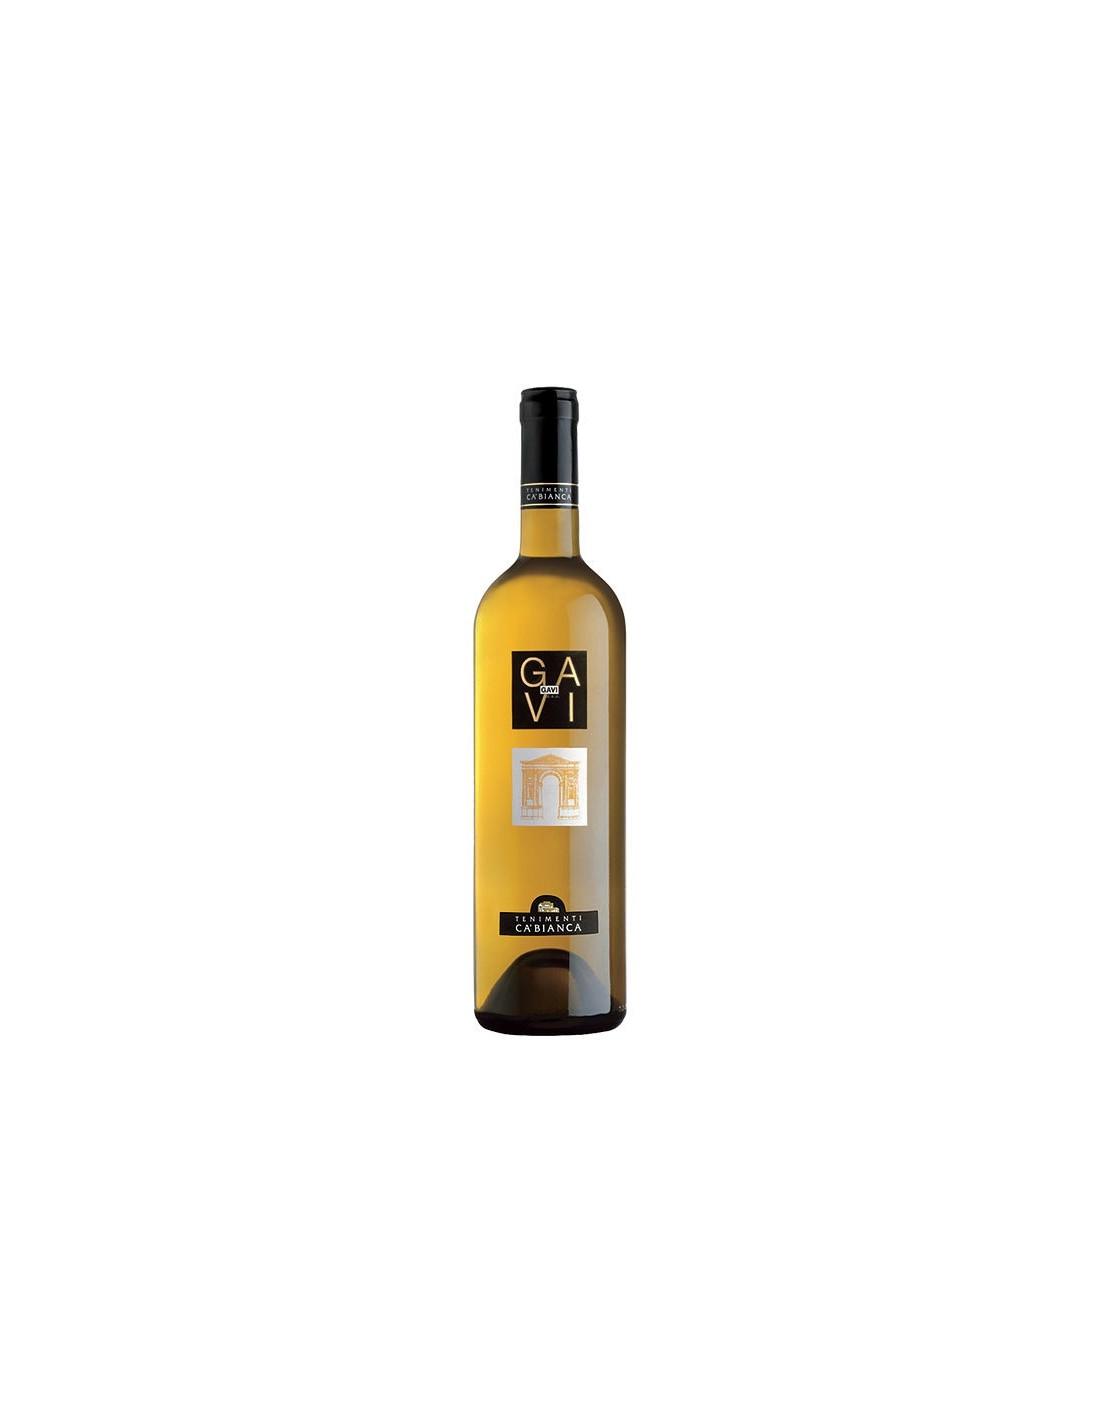 Vin alb, Tenimenti Ca'Bianca Gavi, 0.75L, 12% alc., Italia